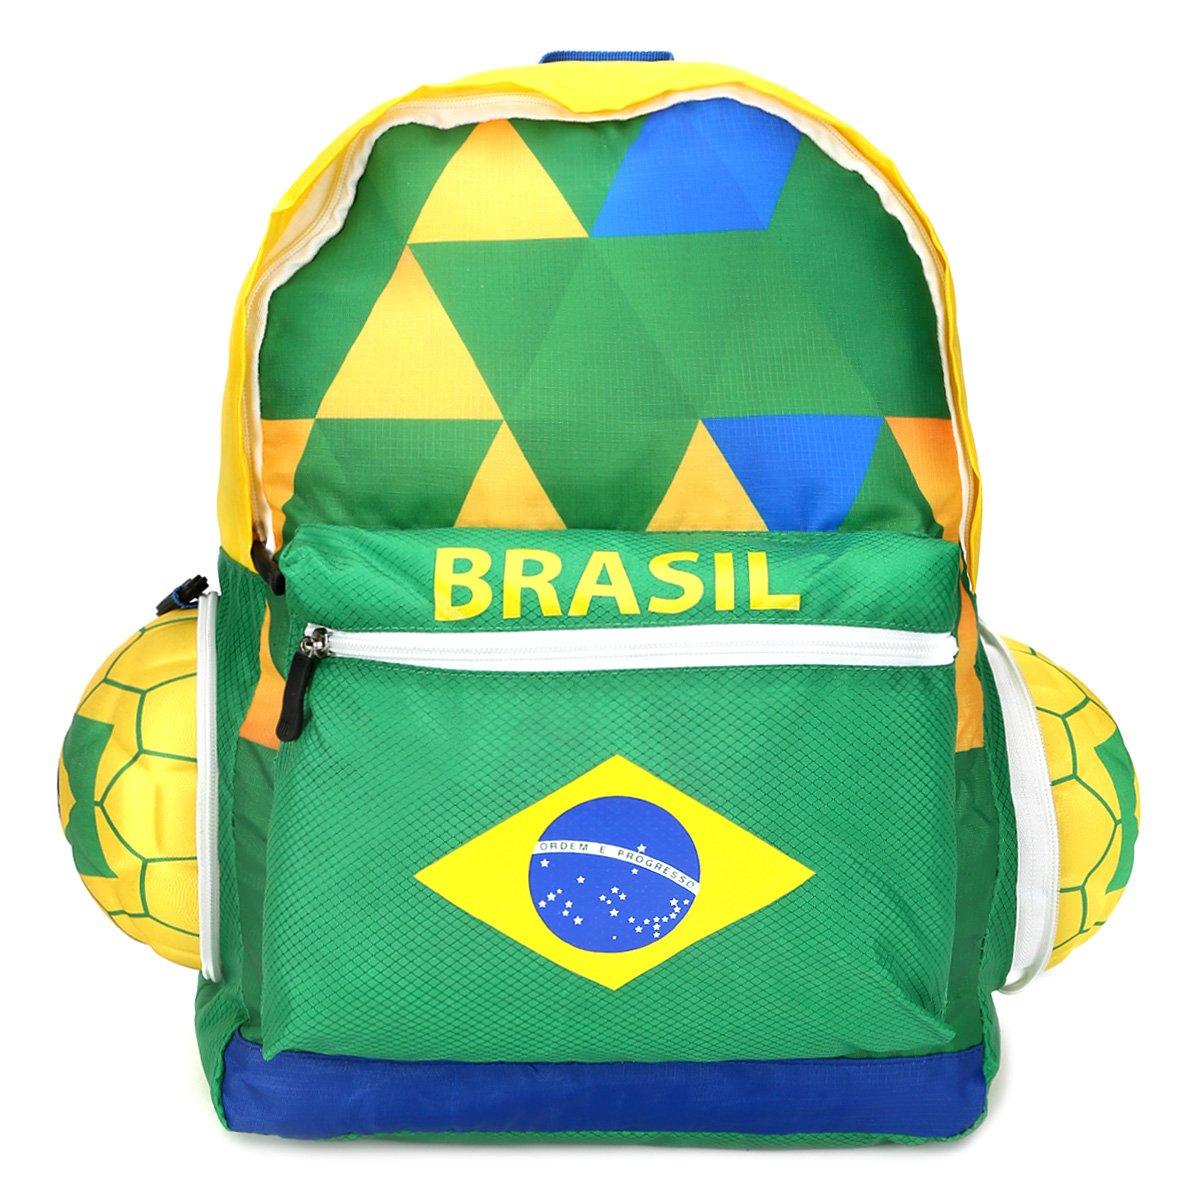 Mochila Seleção Brasil II Bola - Compre Agora  20113a03c3cd6